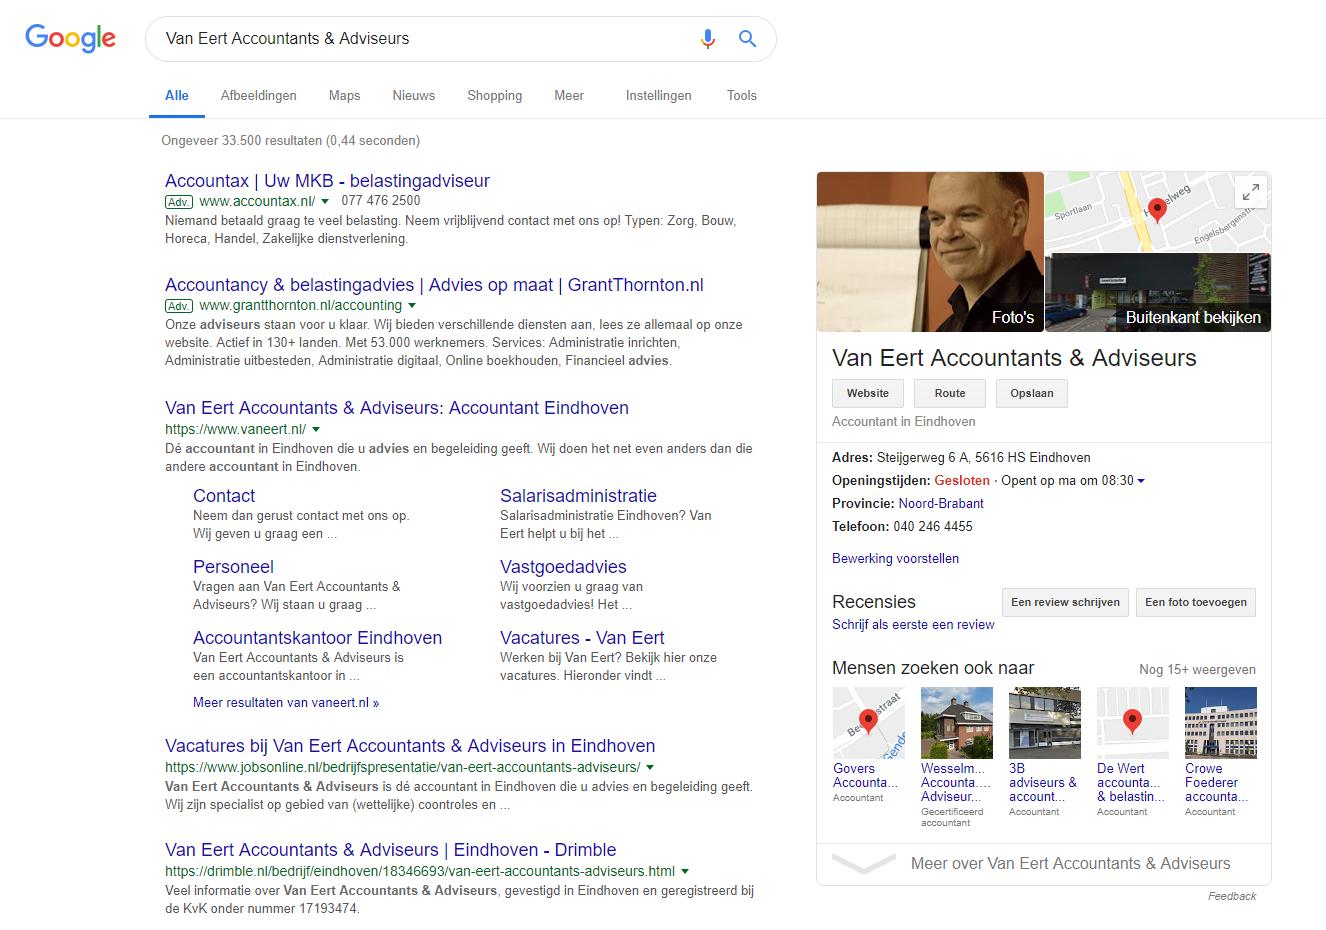 Niet representatieve foto op Google